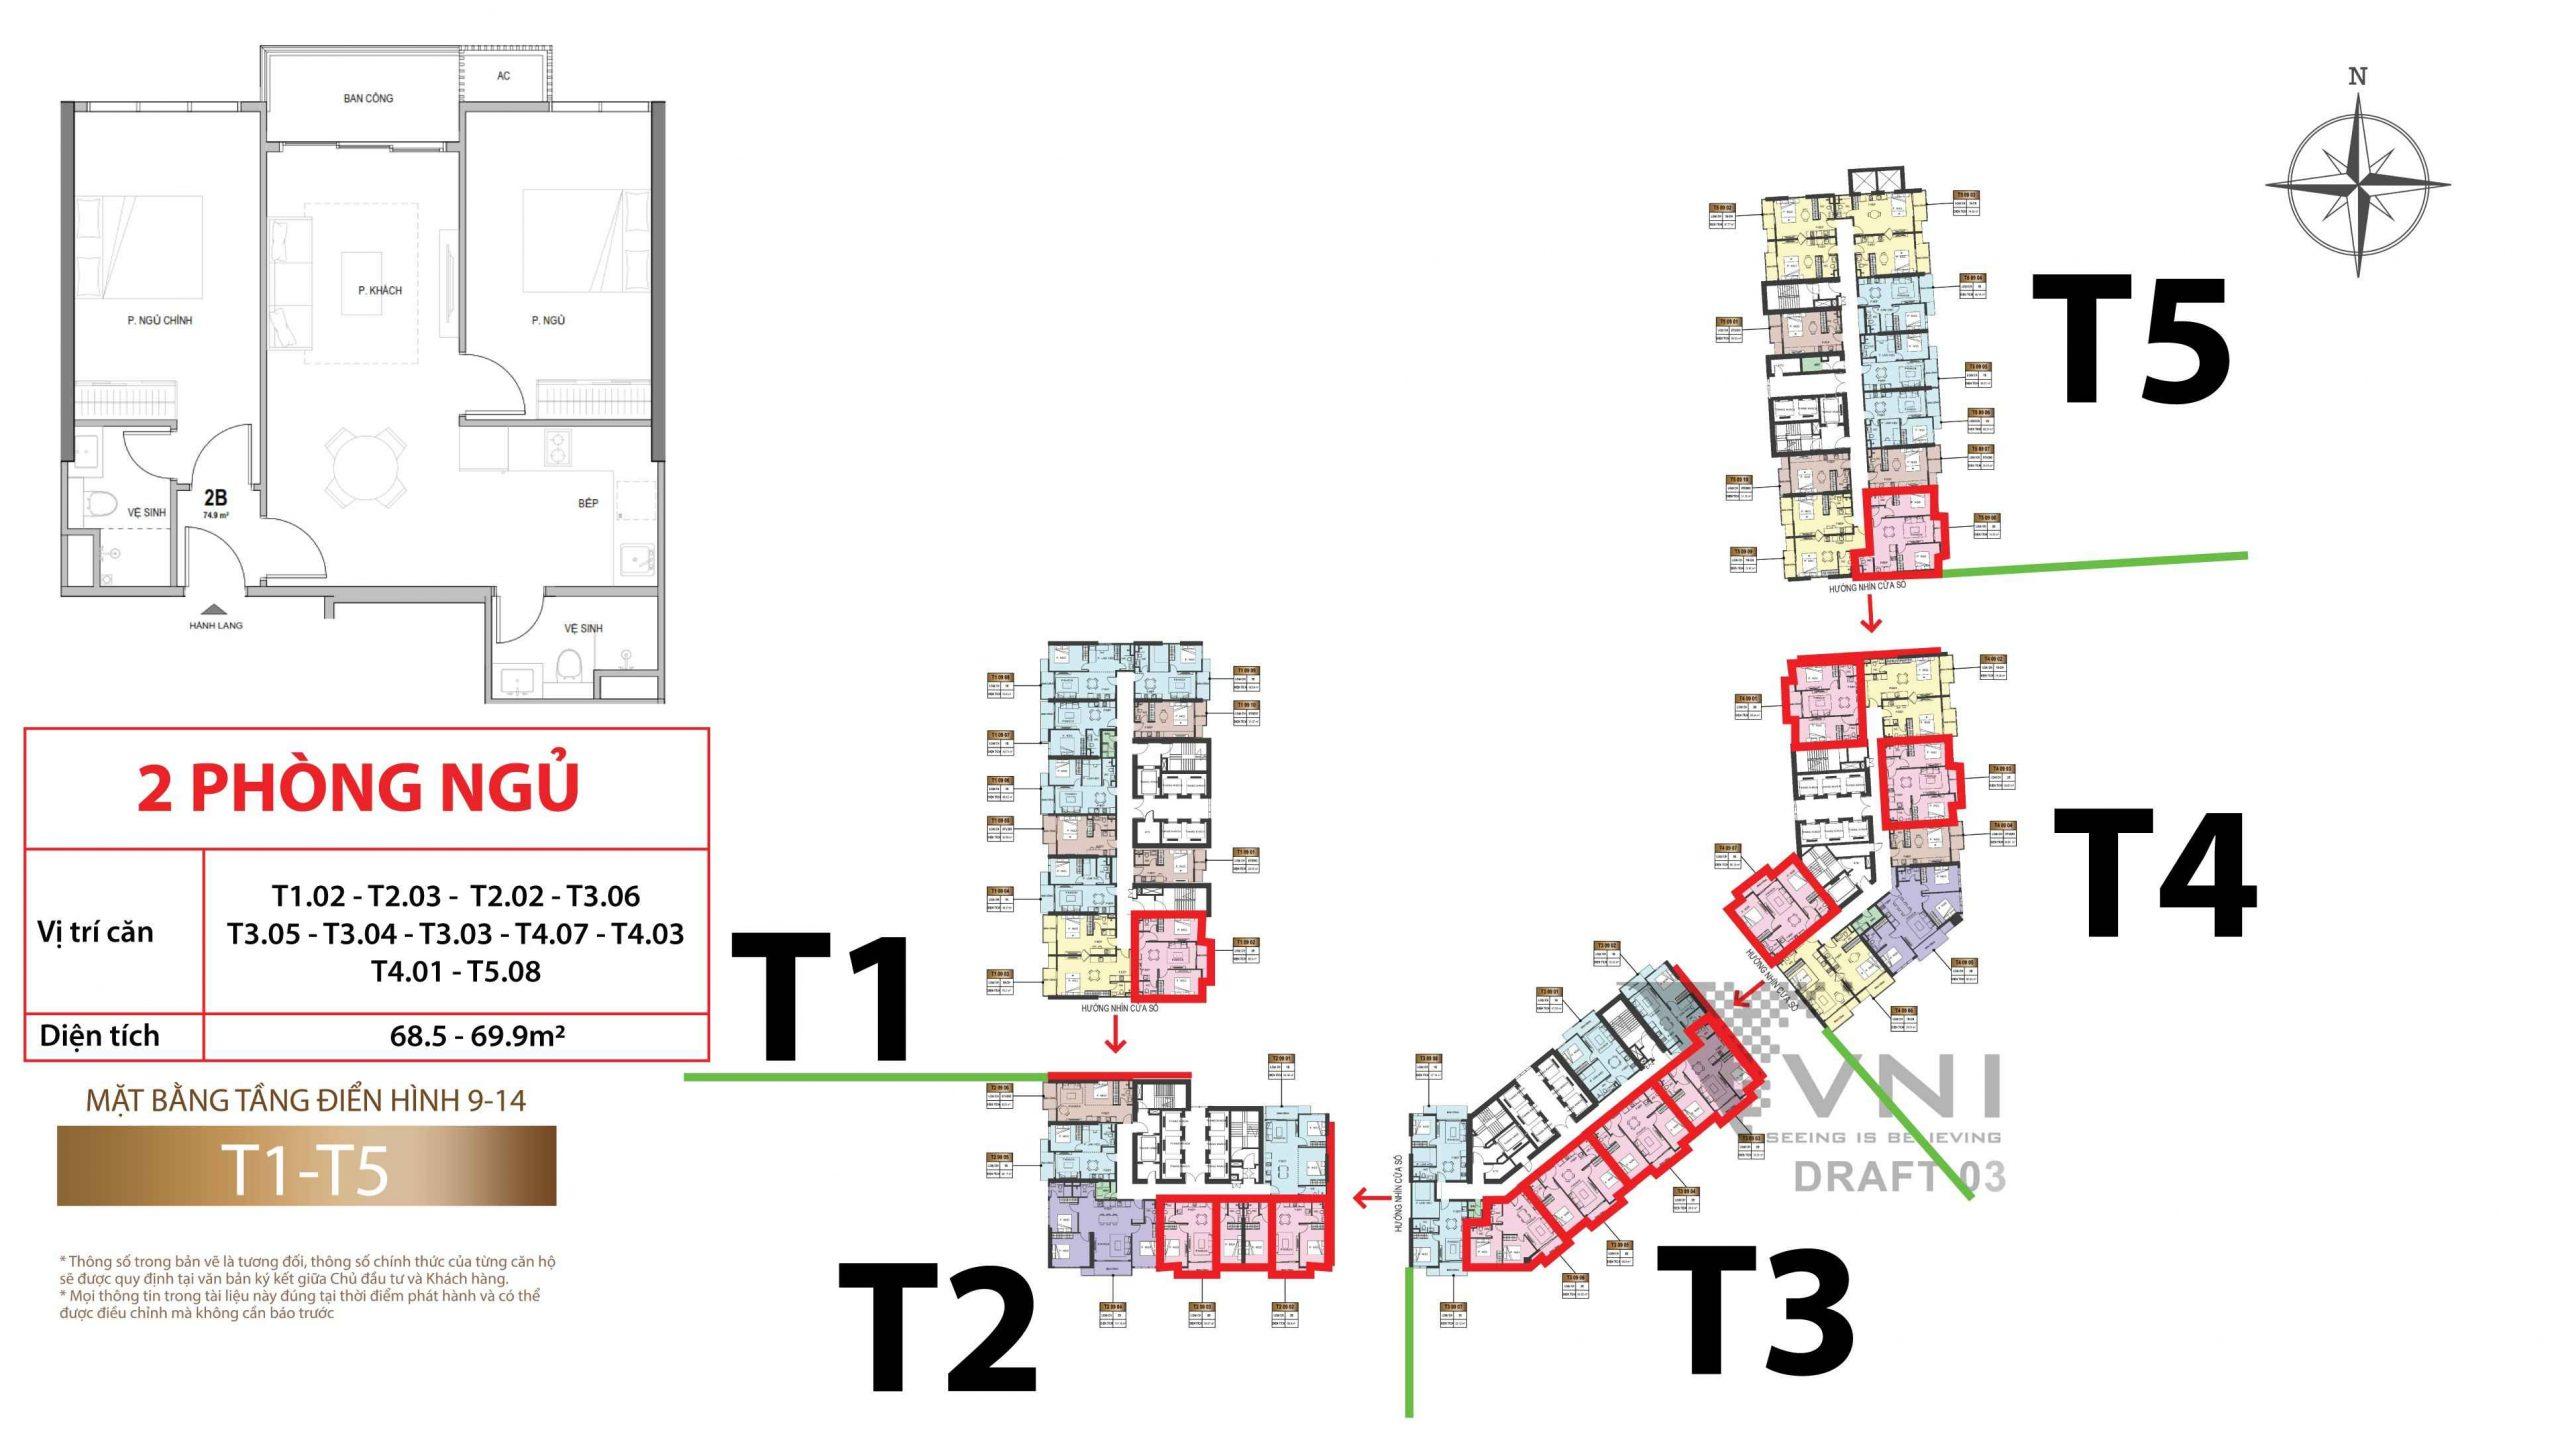 Mặt bằng và vị trí các căn hộ 2 phòng ngủ tầng 9-14